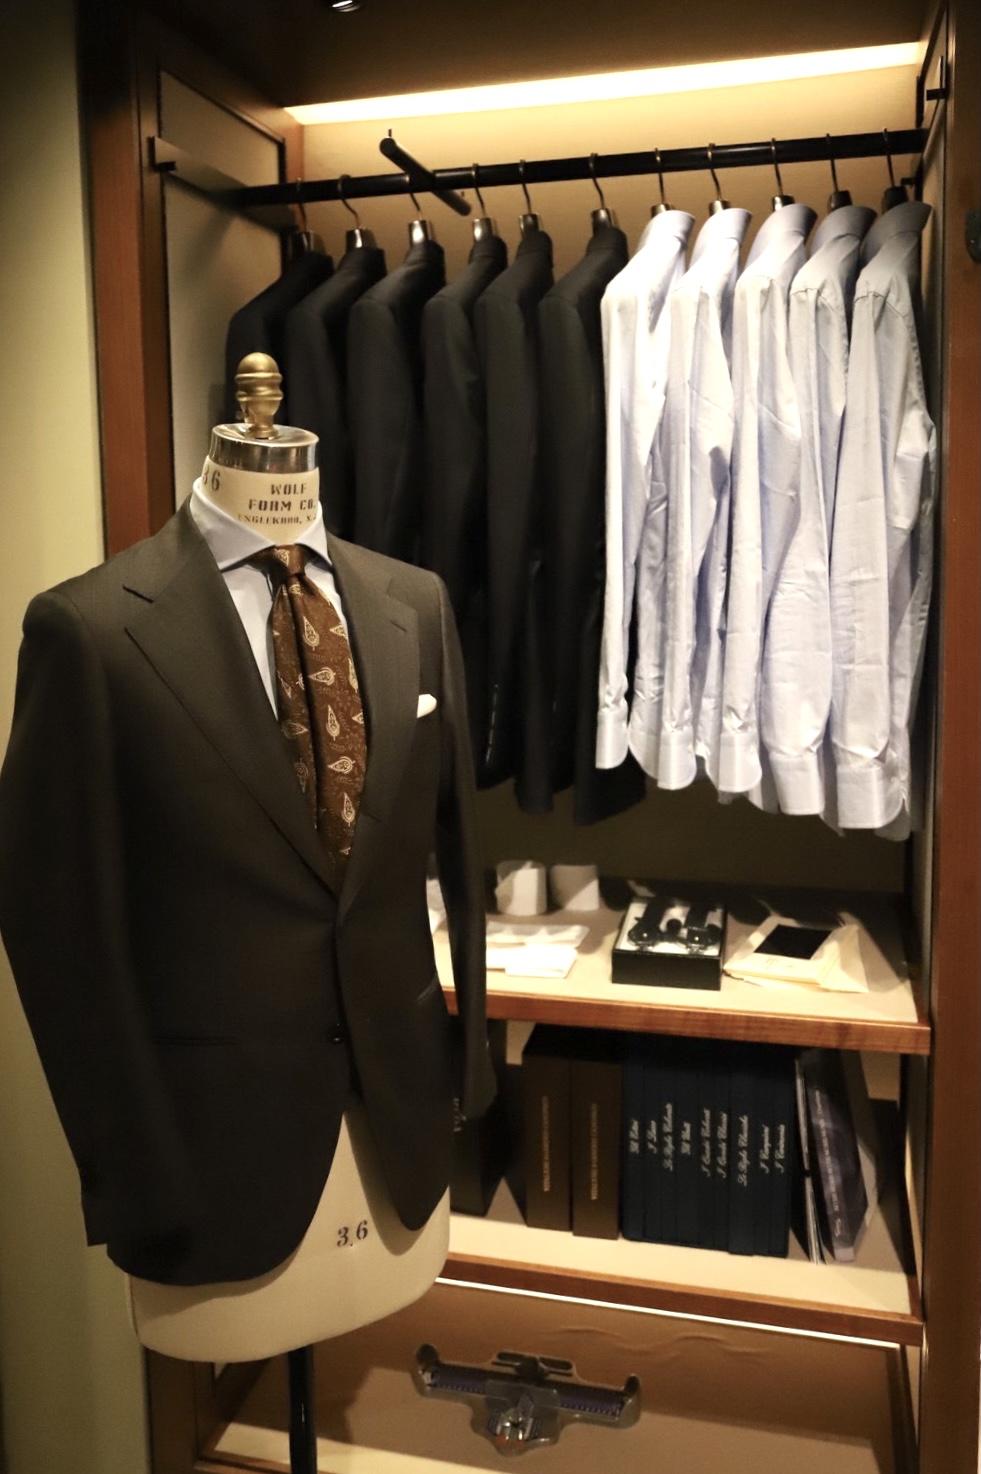 昨年10月に誕生した「THE G`S HIDEOUT.」。トリートドレッシングから生まれた新レーベルです。オーダースーツ・オーダーシャツ・ネクタイとお客様のビジネスシーンで使用いただけるウェアと小物を取り扱っております。